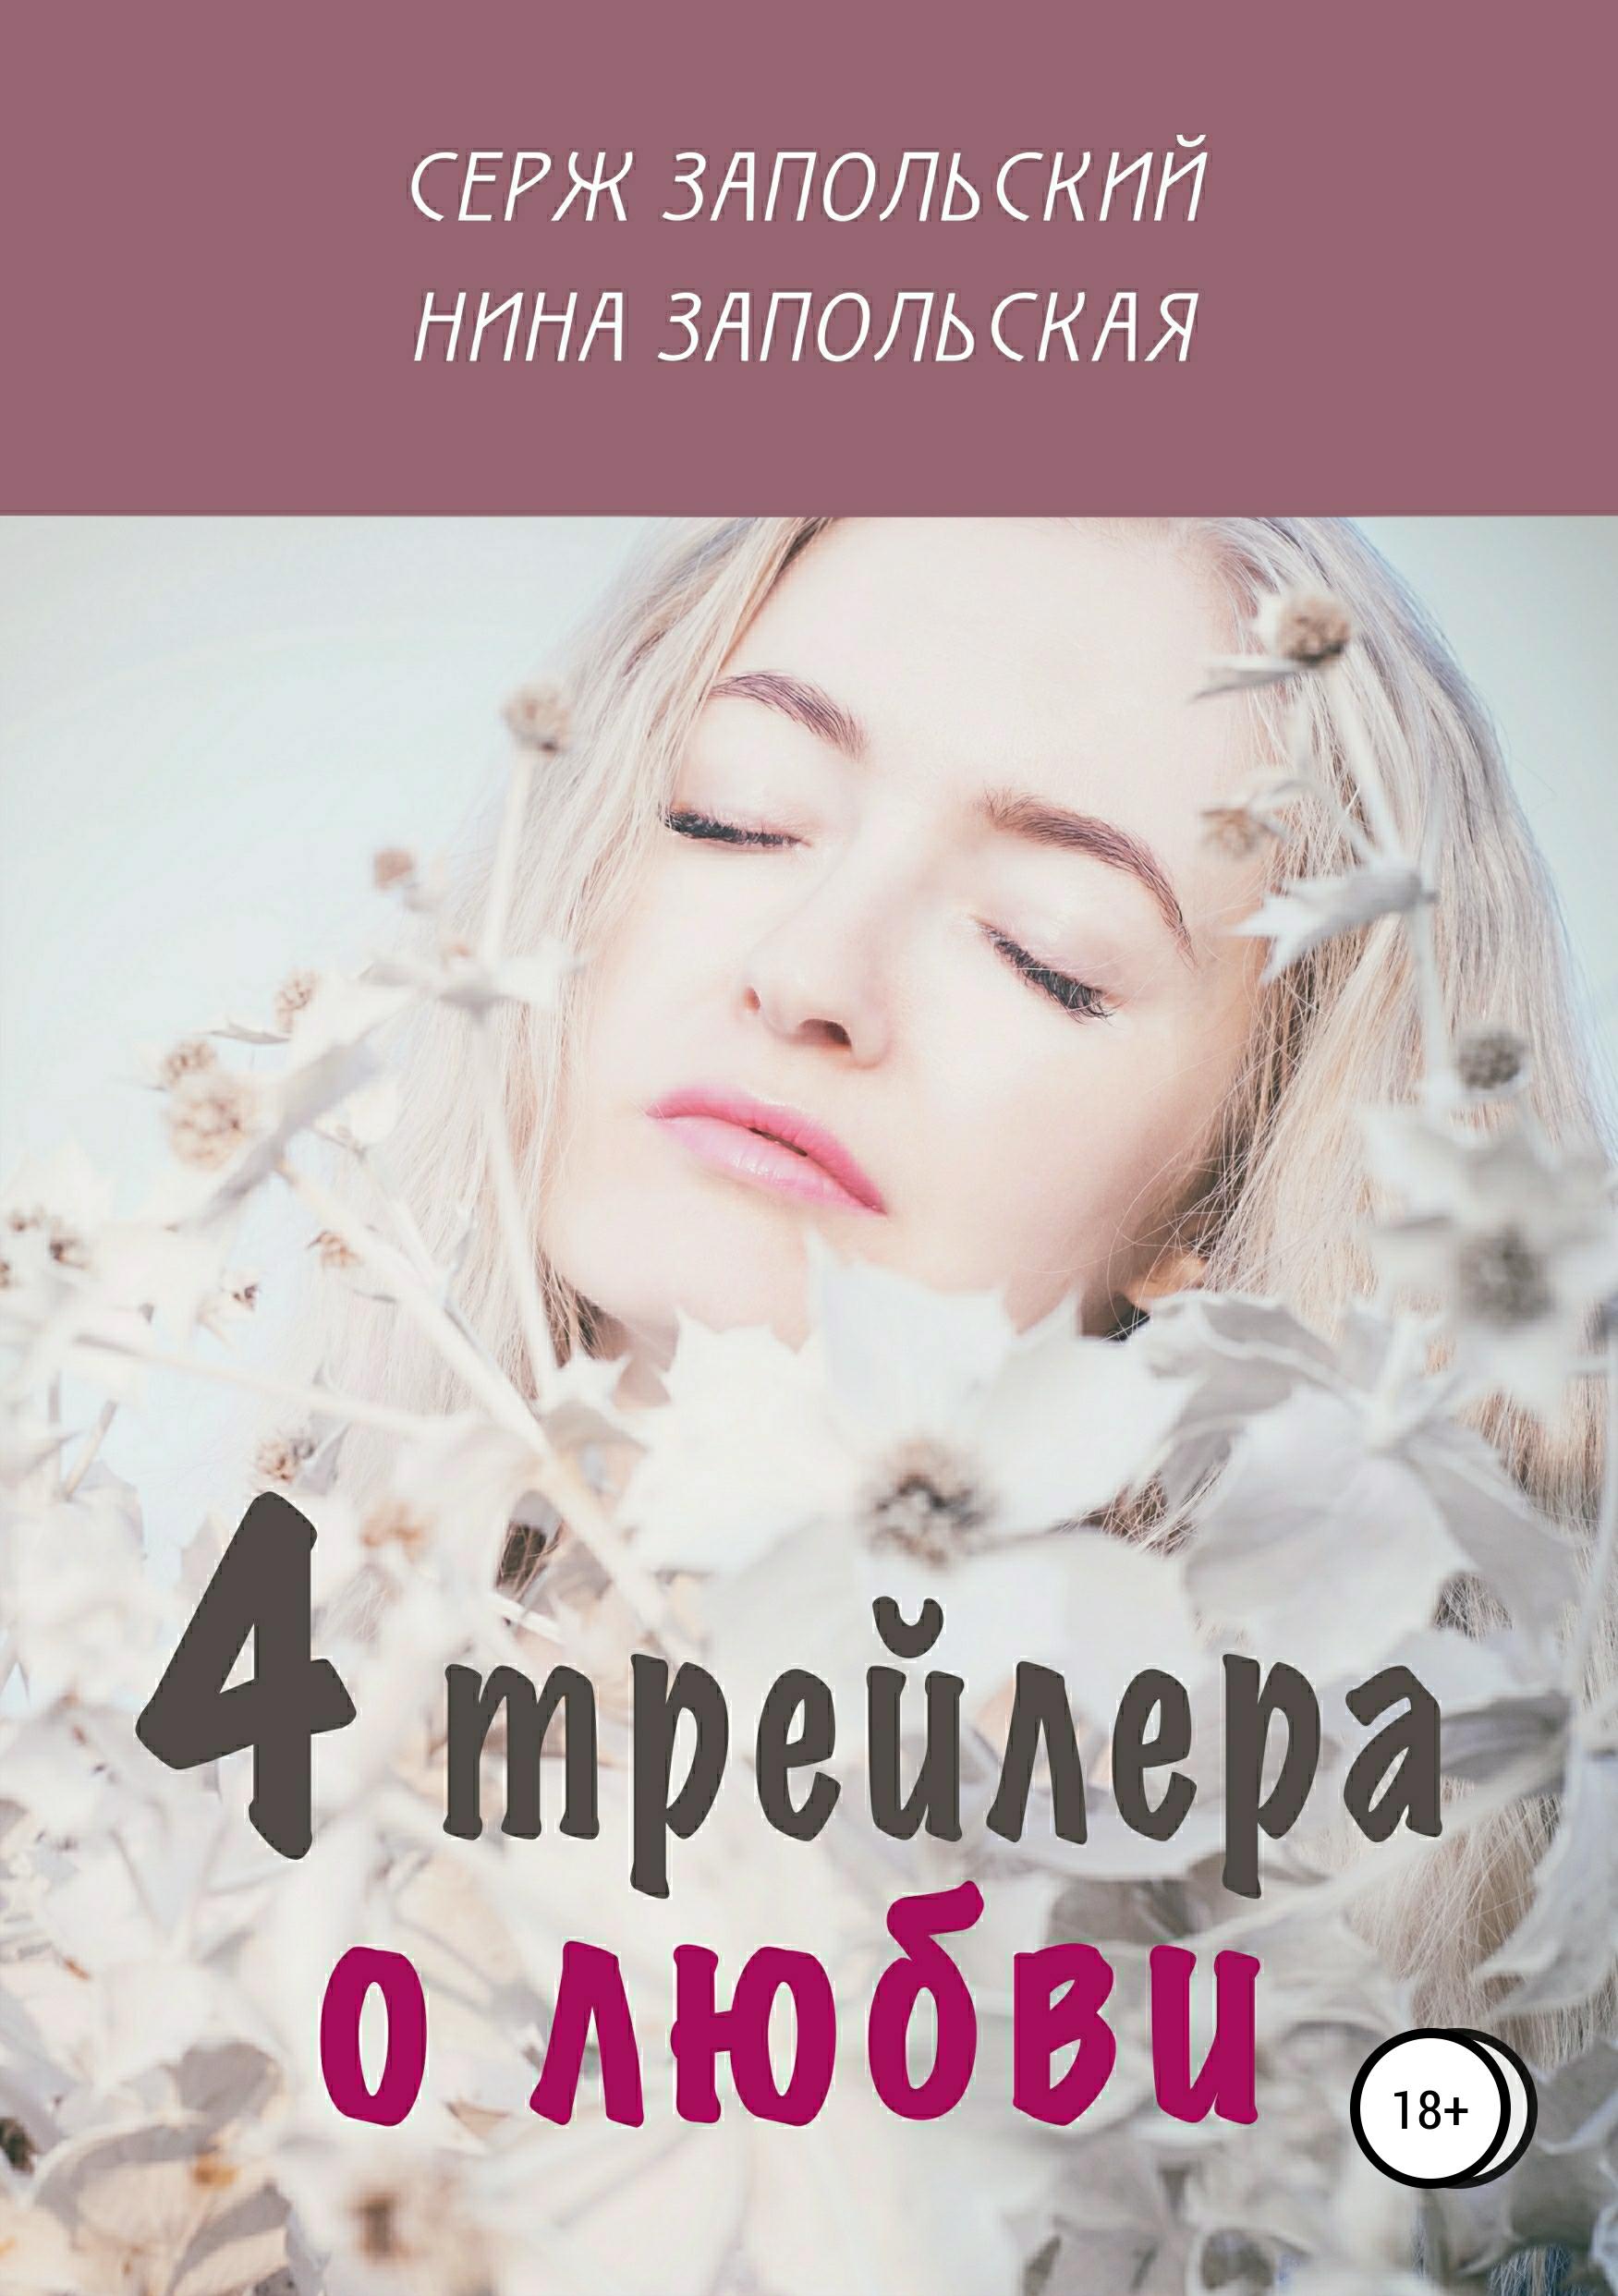 Нина Запольская 4 трейлера о любви нина запольская дорогой сеньор президент